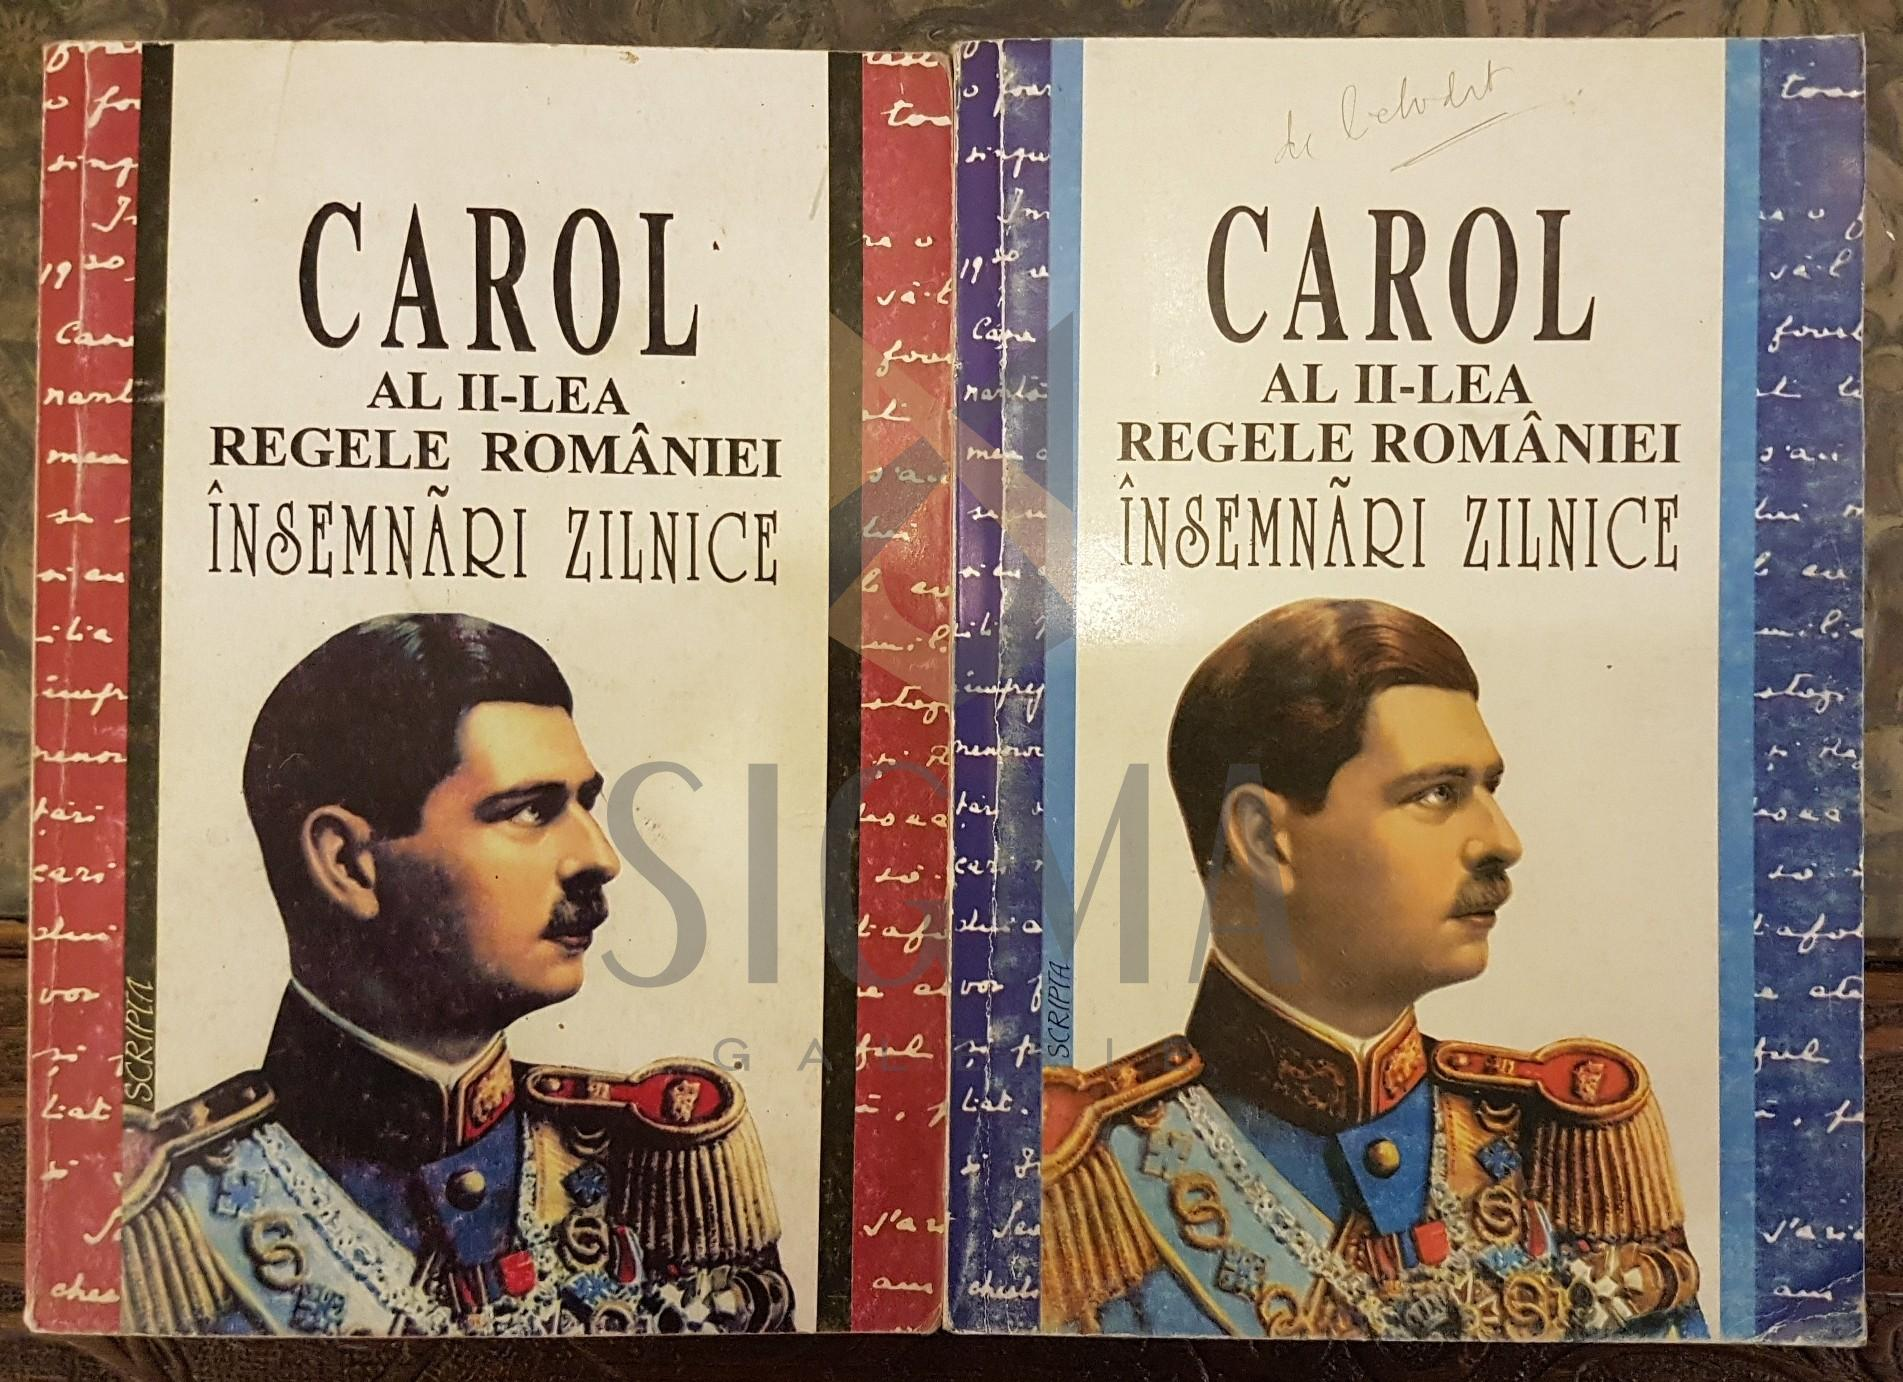 CAROL AL  II-LEA REGELE ROMANIEI, INSEMNARI ZILNICE (Doua Volume), 1995, Bucuresti